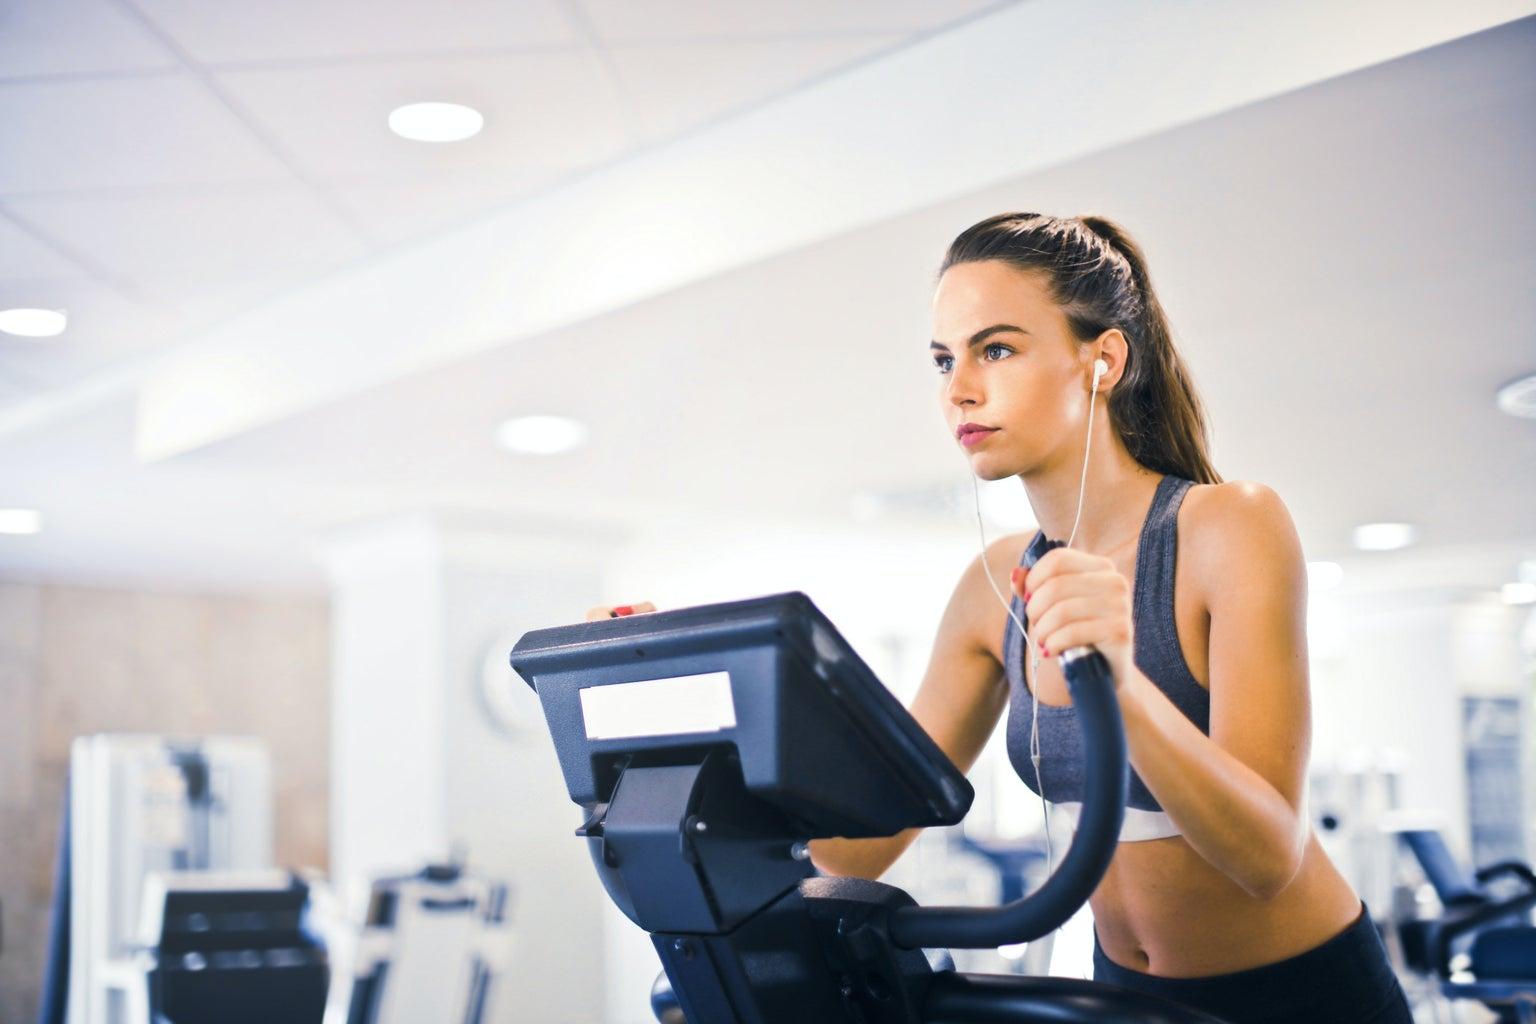 woman on workout machine